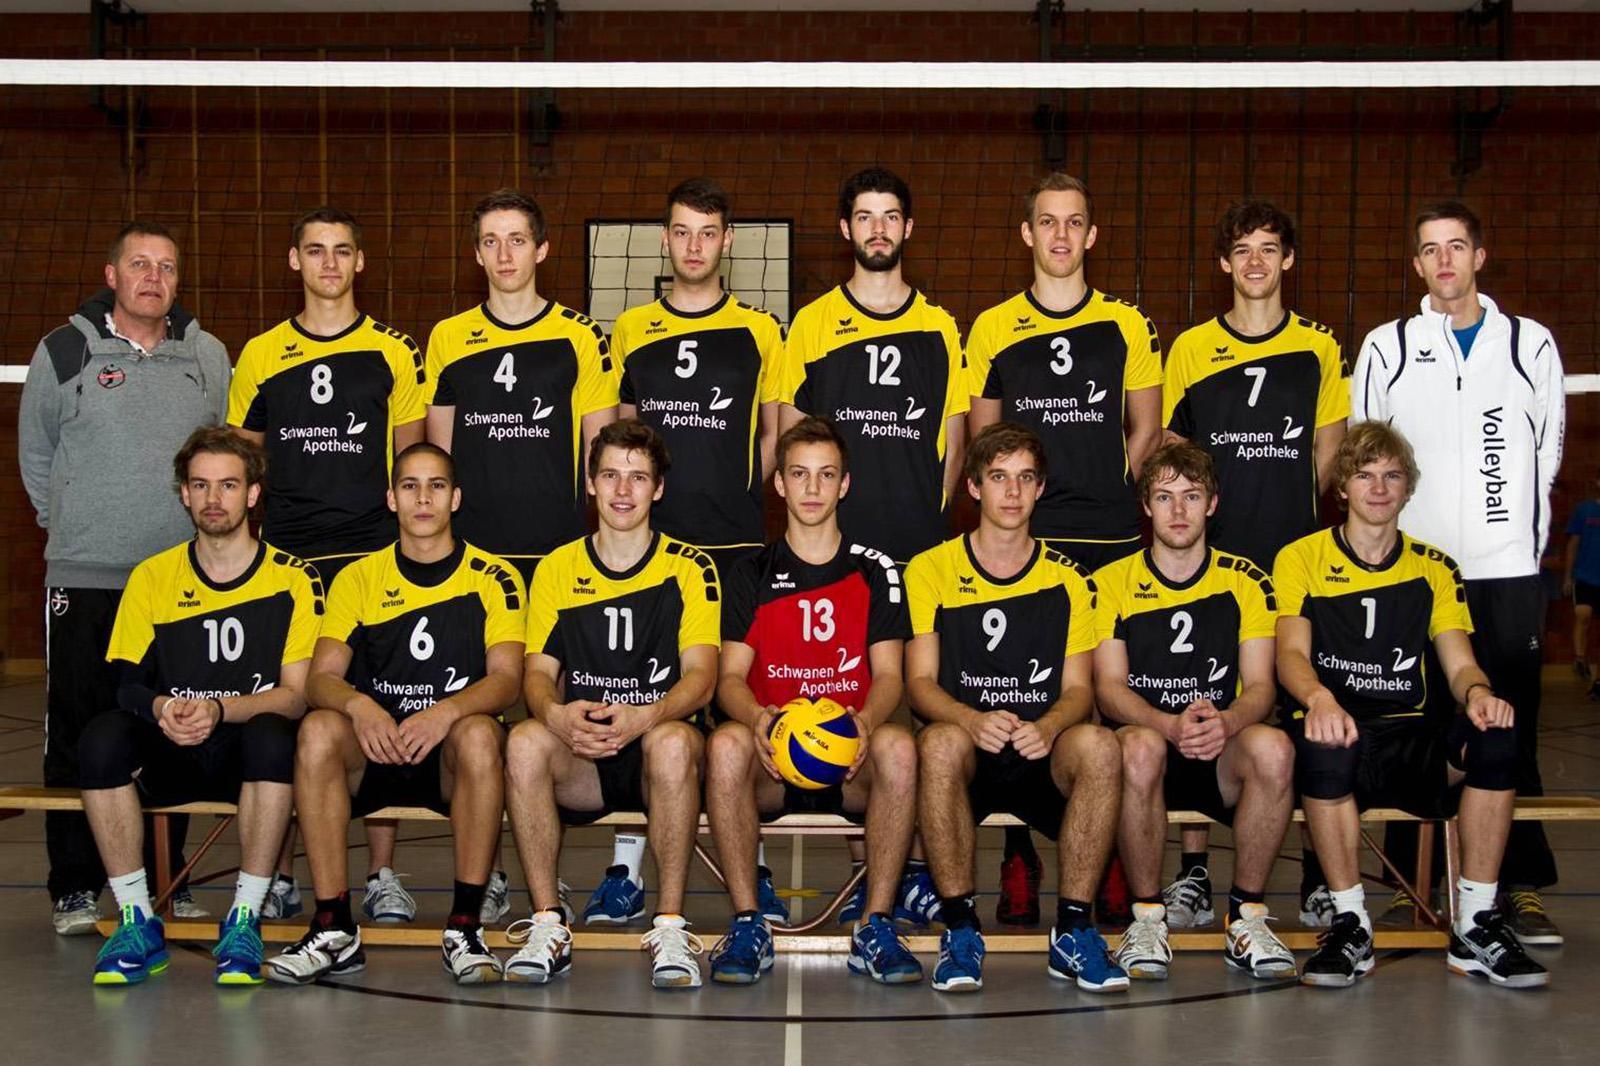 Vb Baden Baden